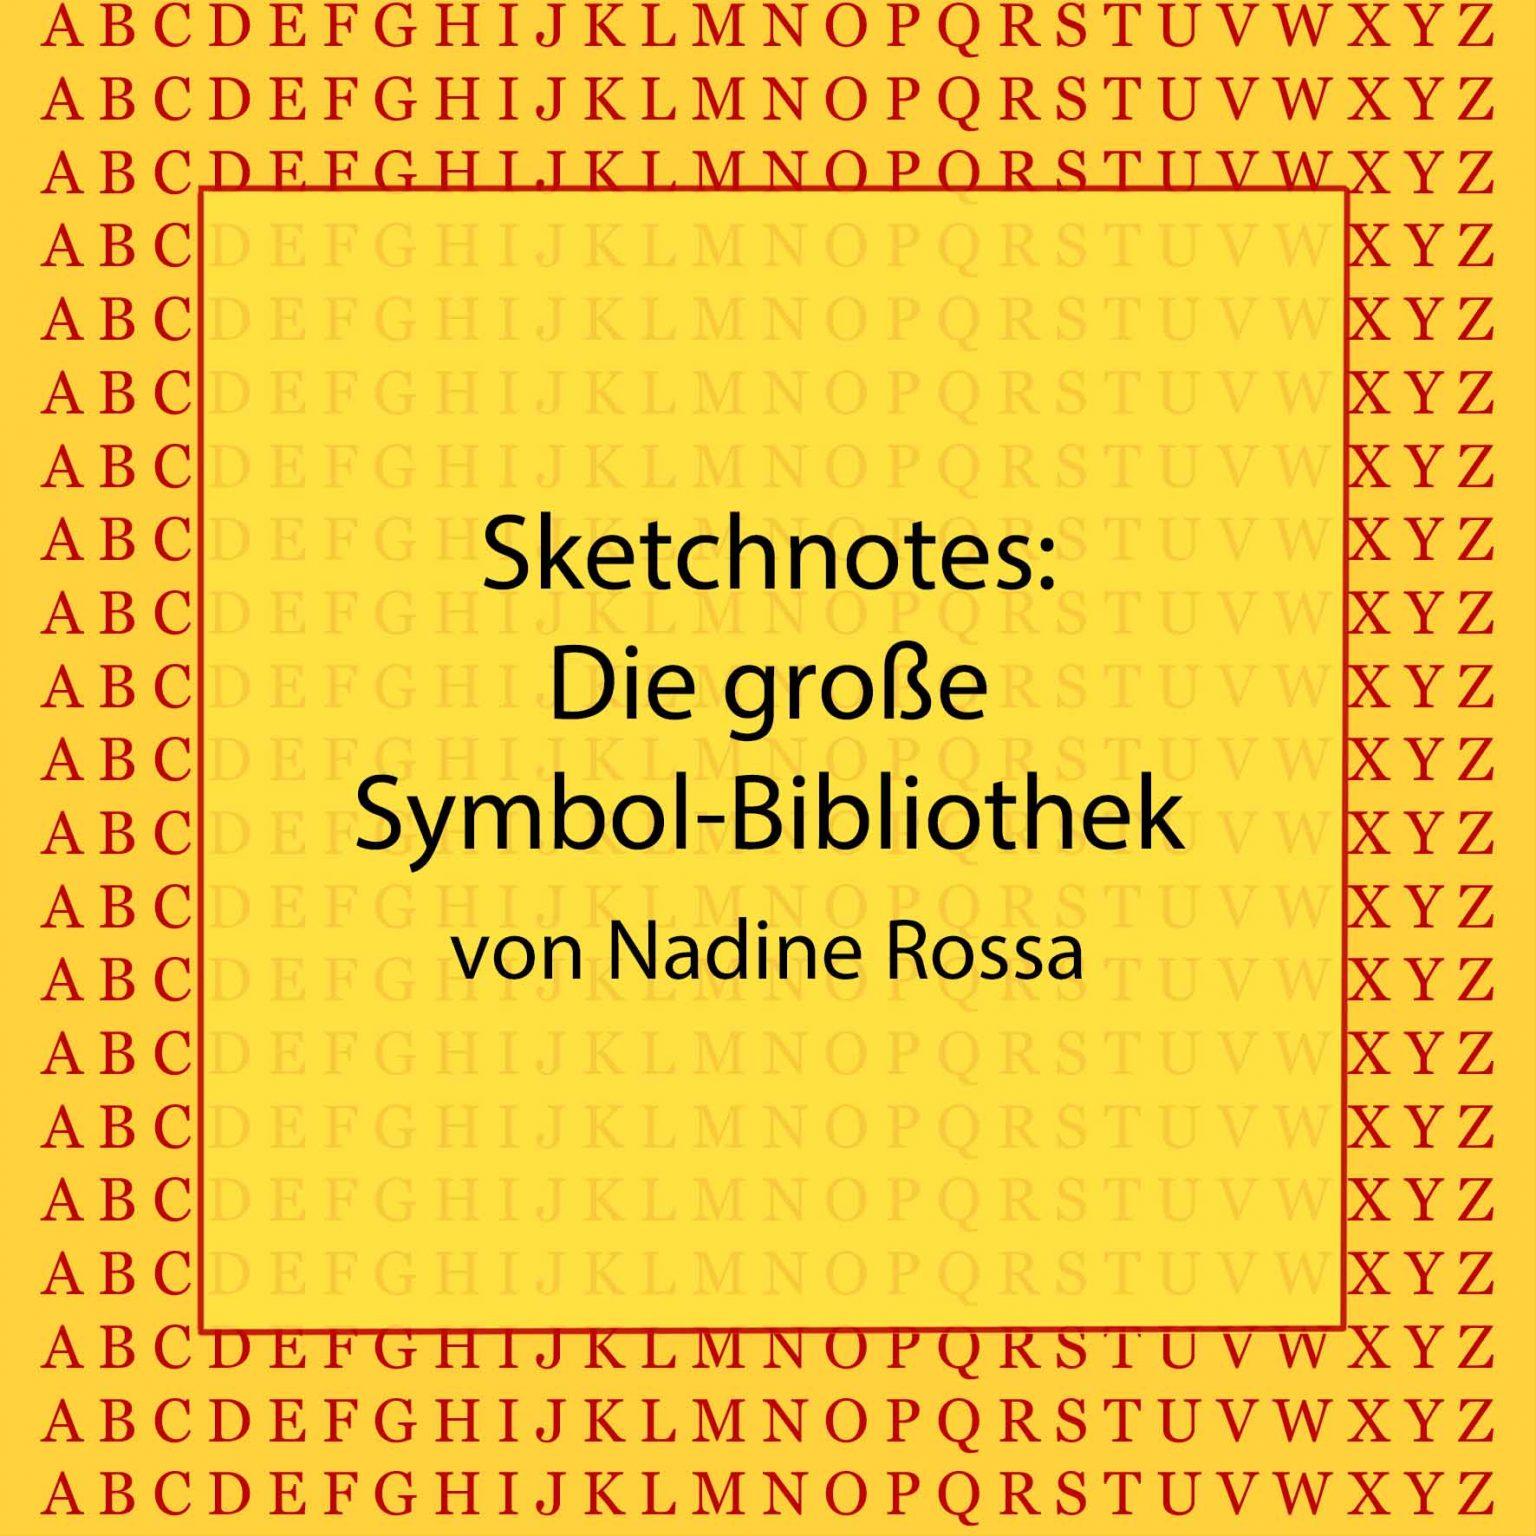 sketchnotes: die große symbol-bibliothek von nadine rossa